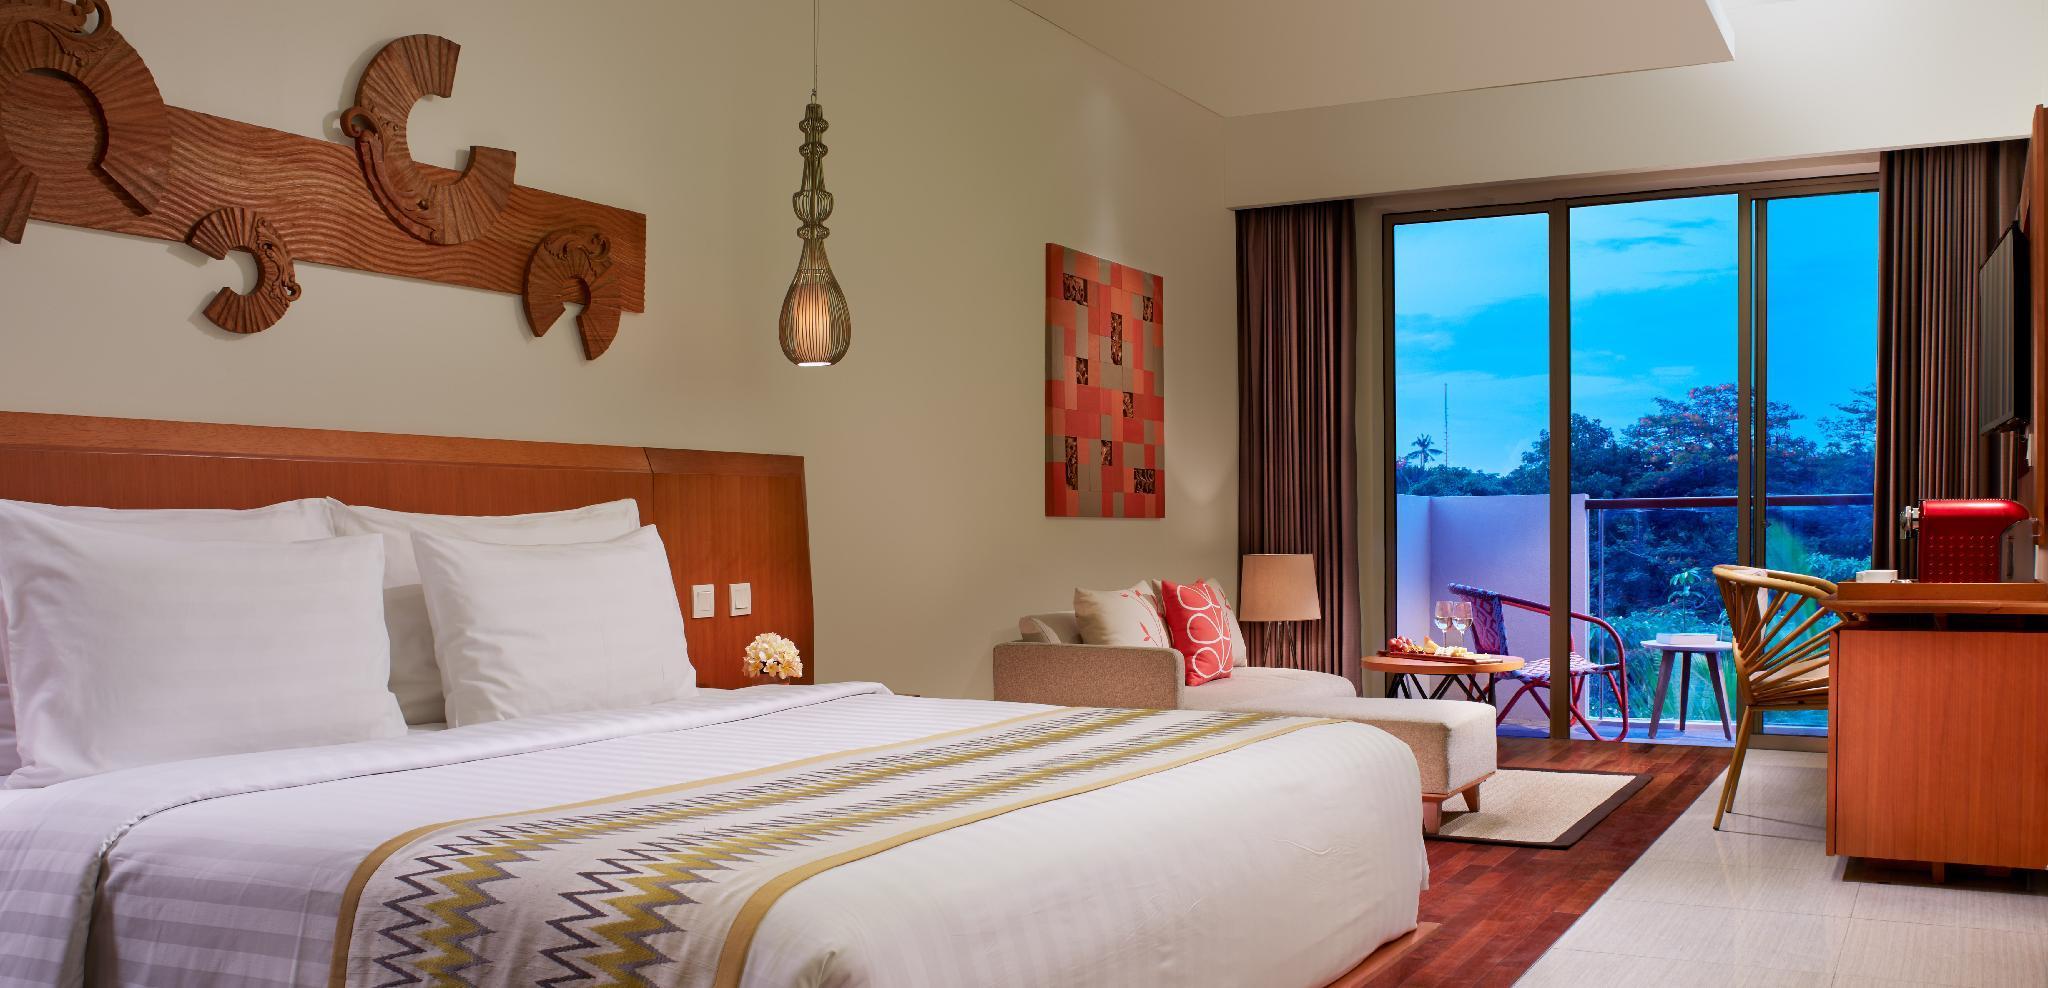 Inaya Putri Bali From 82 Room Deals Photos Reviews